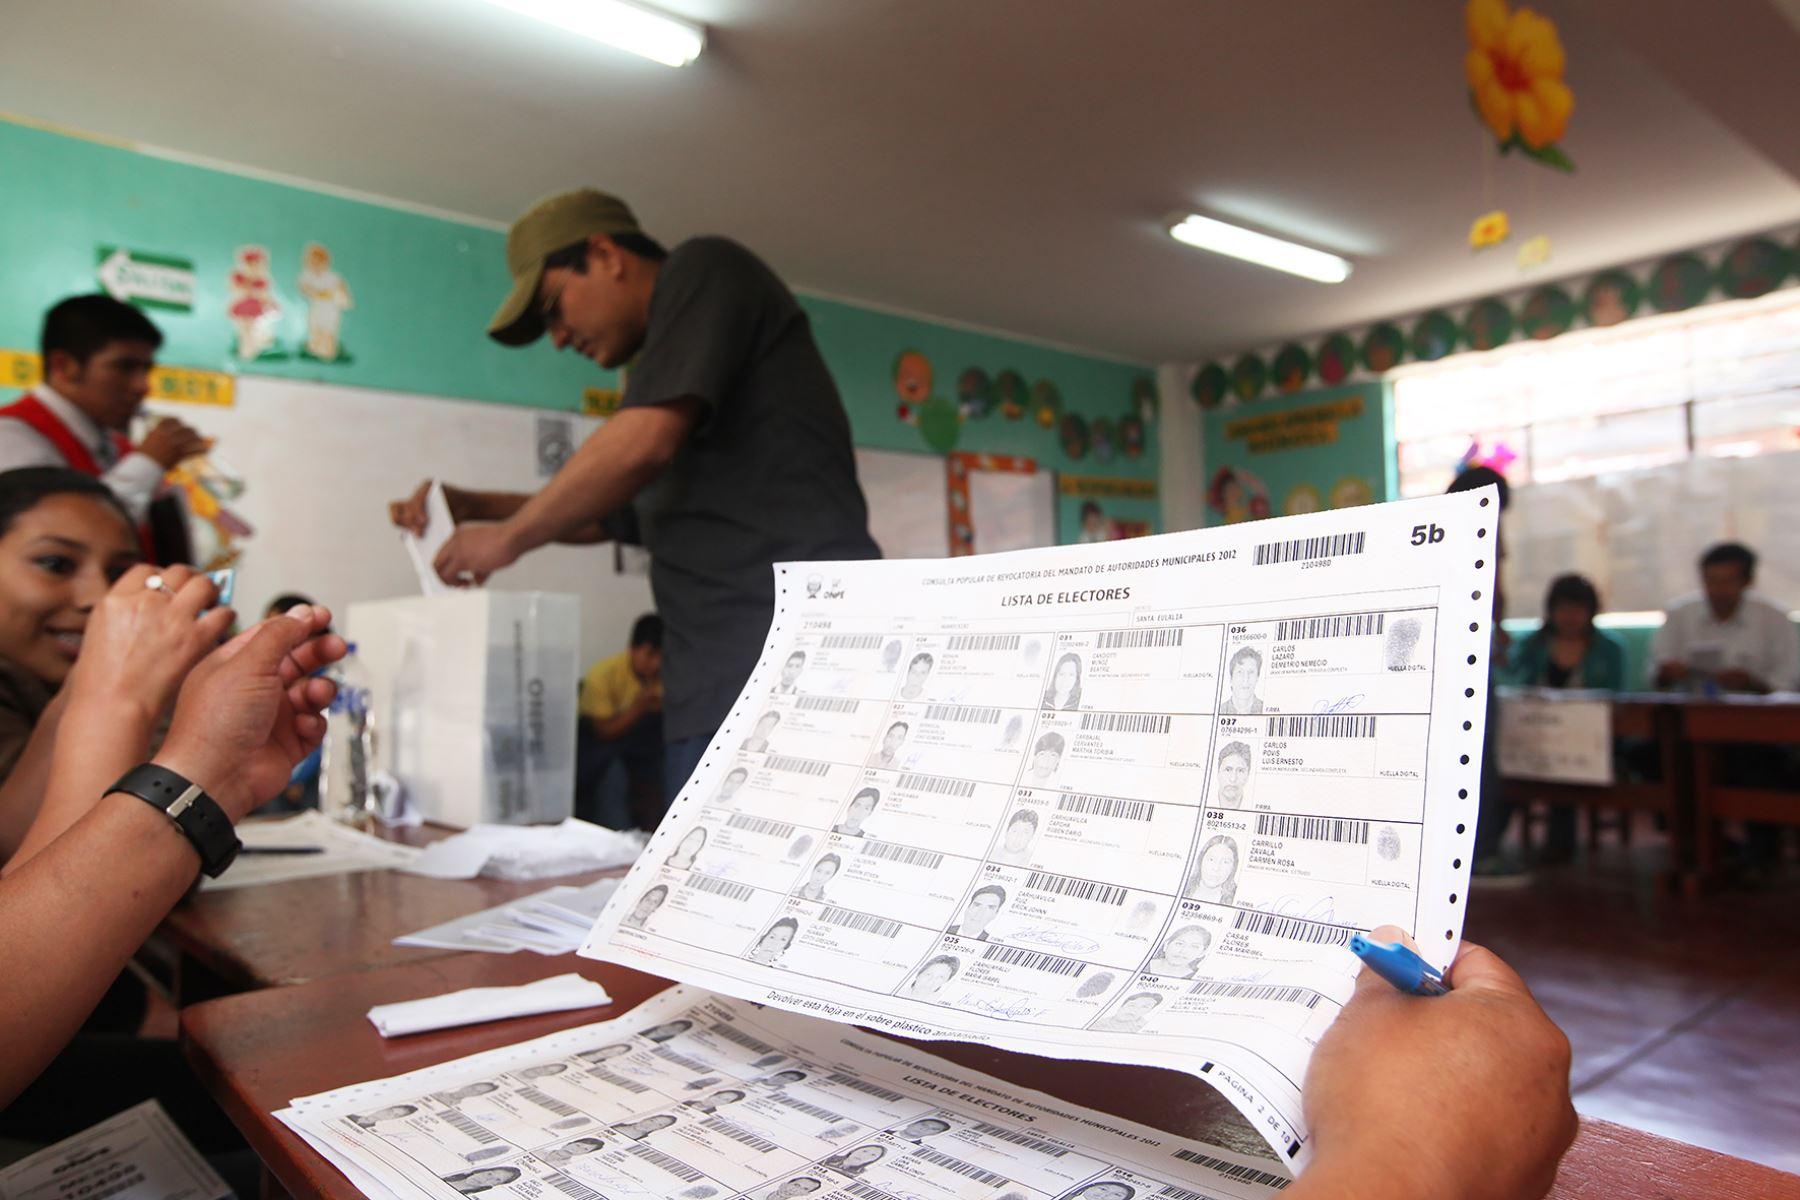 En las Elecciones Regionales y Municipales del domingo 7 de octubre de este año votarán 23 millones 374,975 ciudadanos, quienes podrán elegir a 12,903 autoridades, de acuerdo al padrón electoral elaborado por el Registro Nacional de Identificación y Estado Civil (Reniec). ANDINA/Difusión